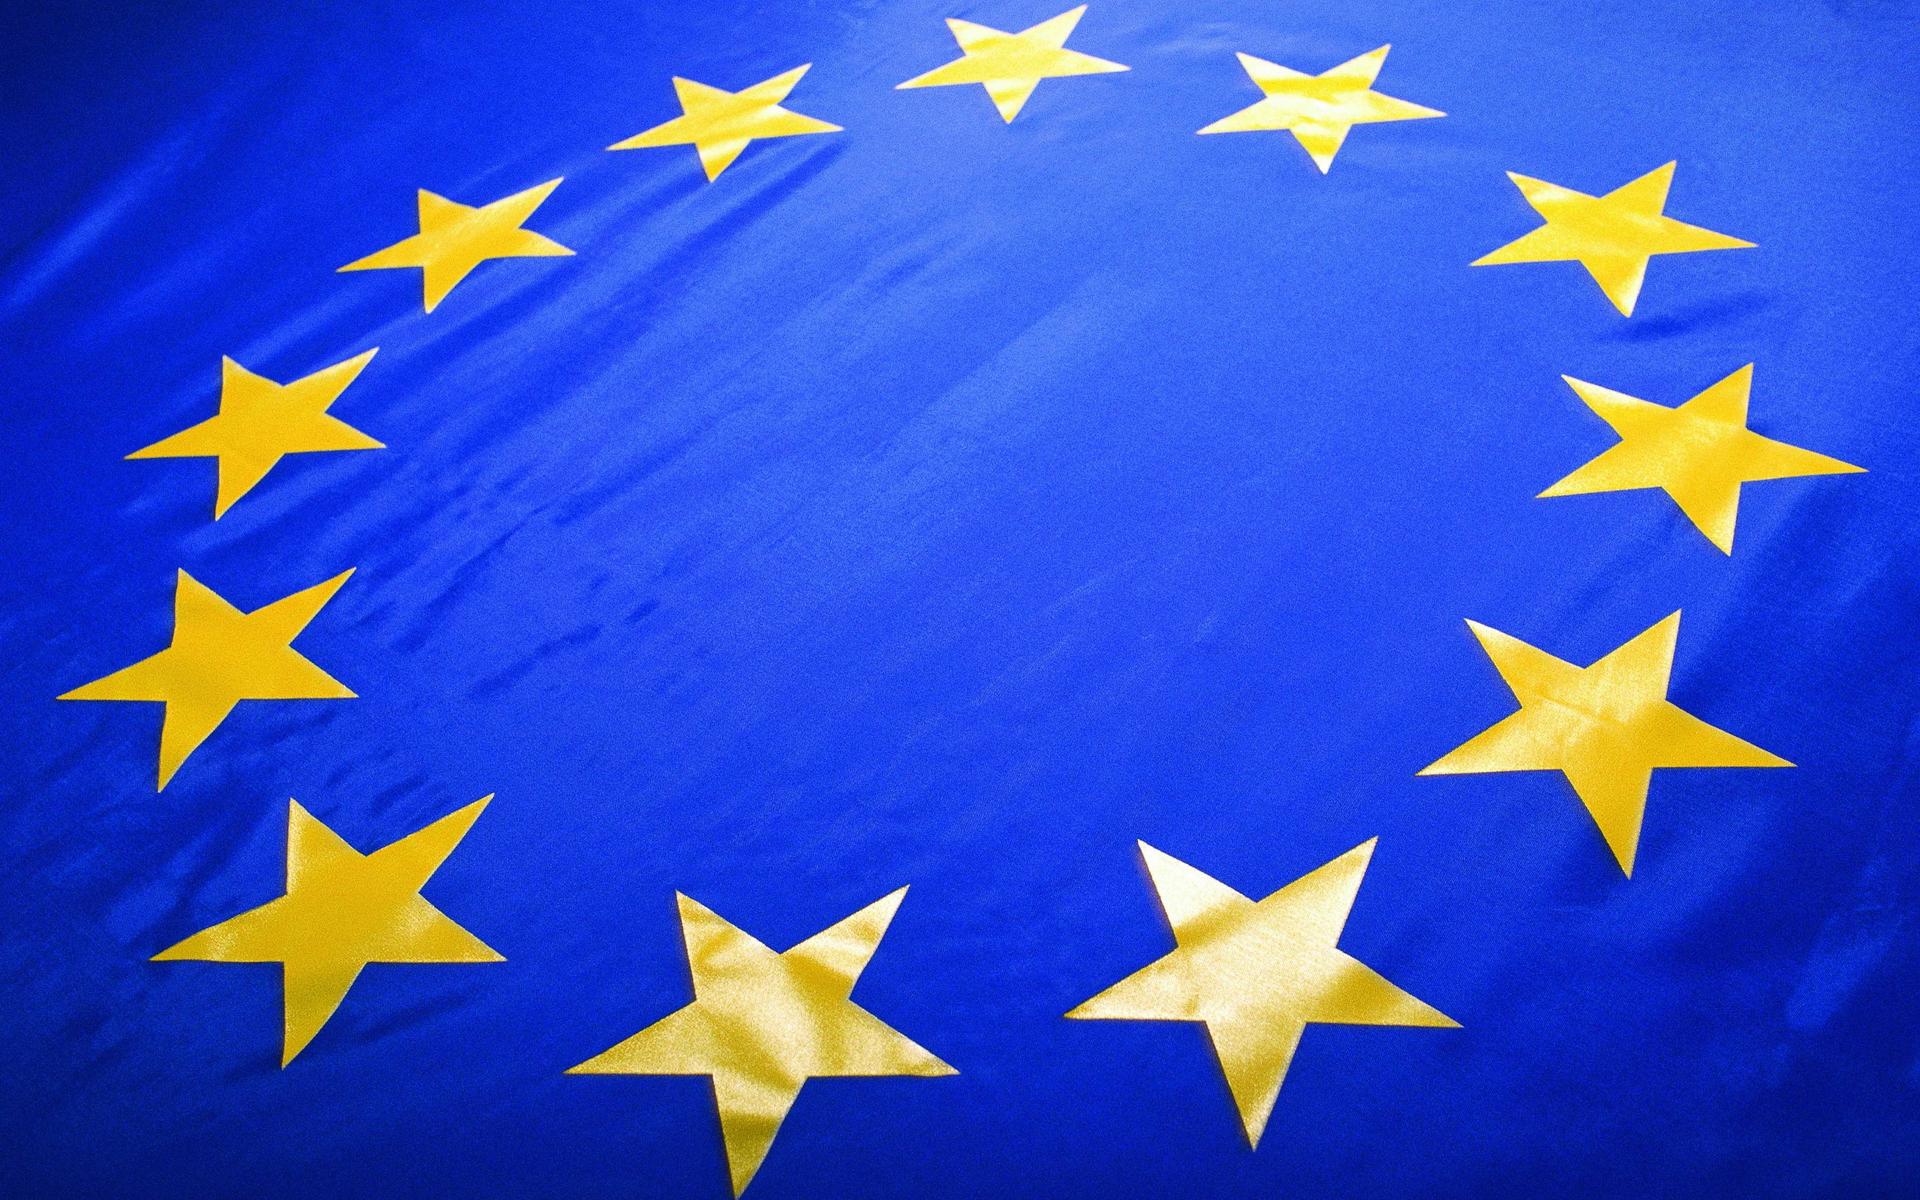 Жители Крыма с украинским гражданством могут рассчитывать на безвизовый режим с Европой